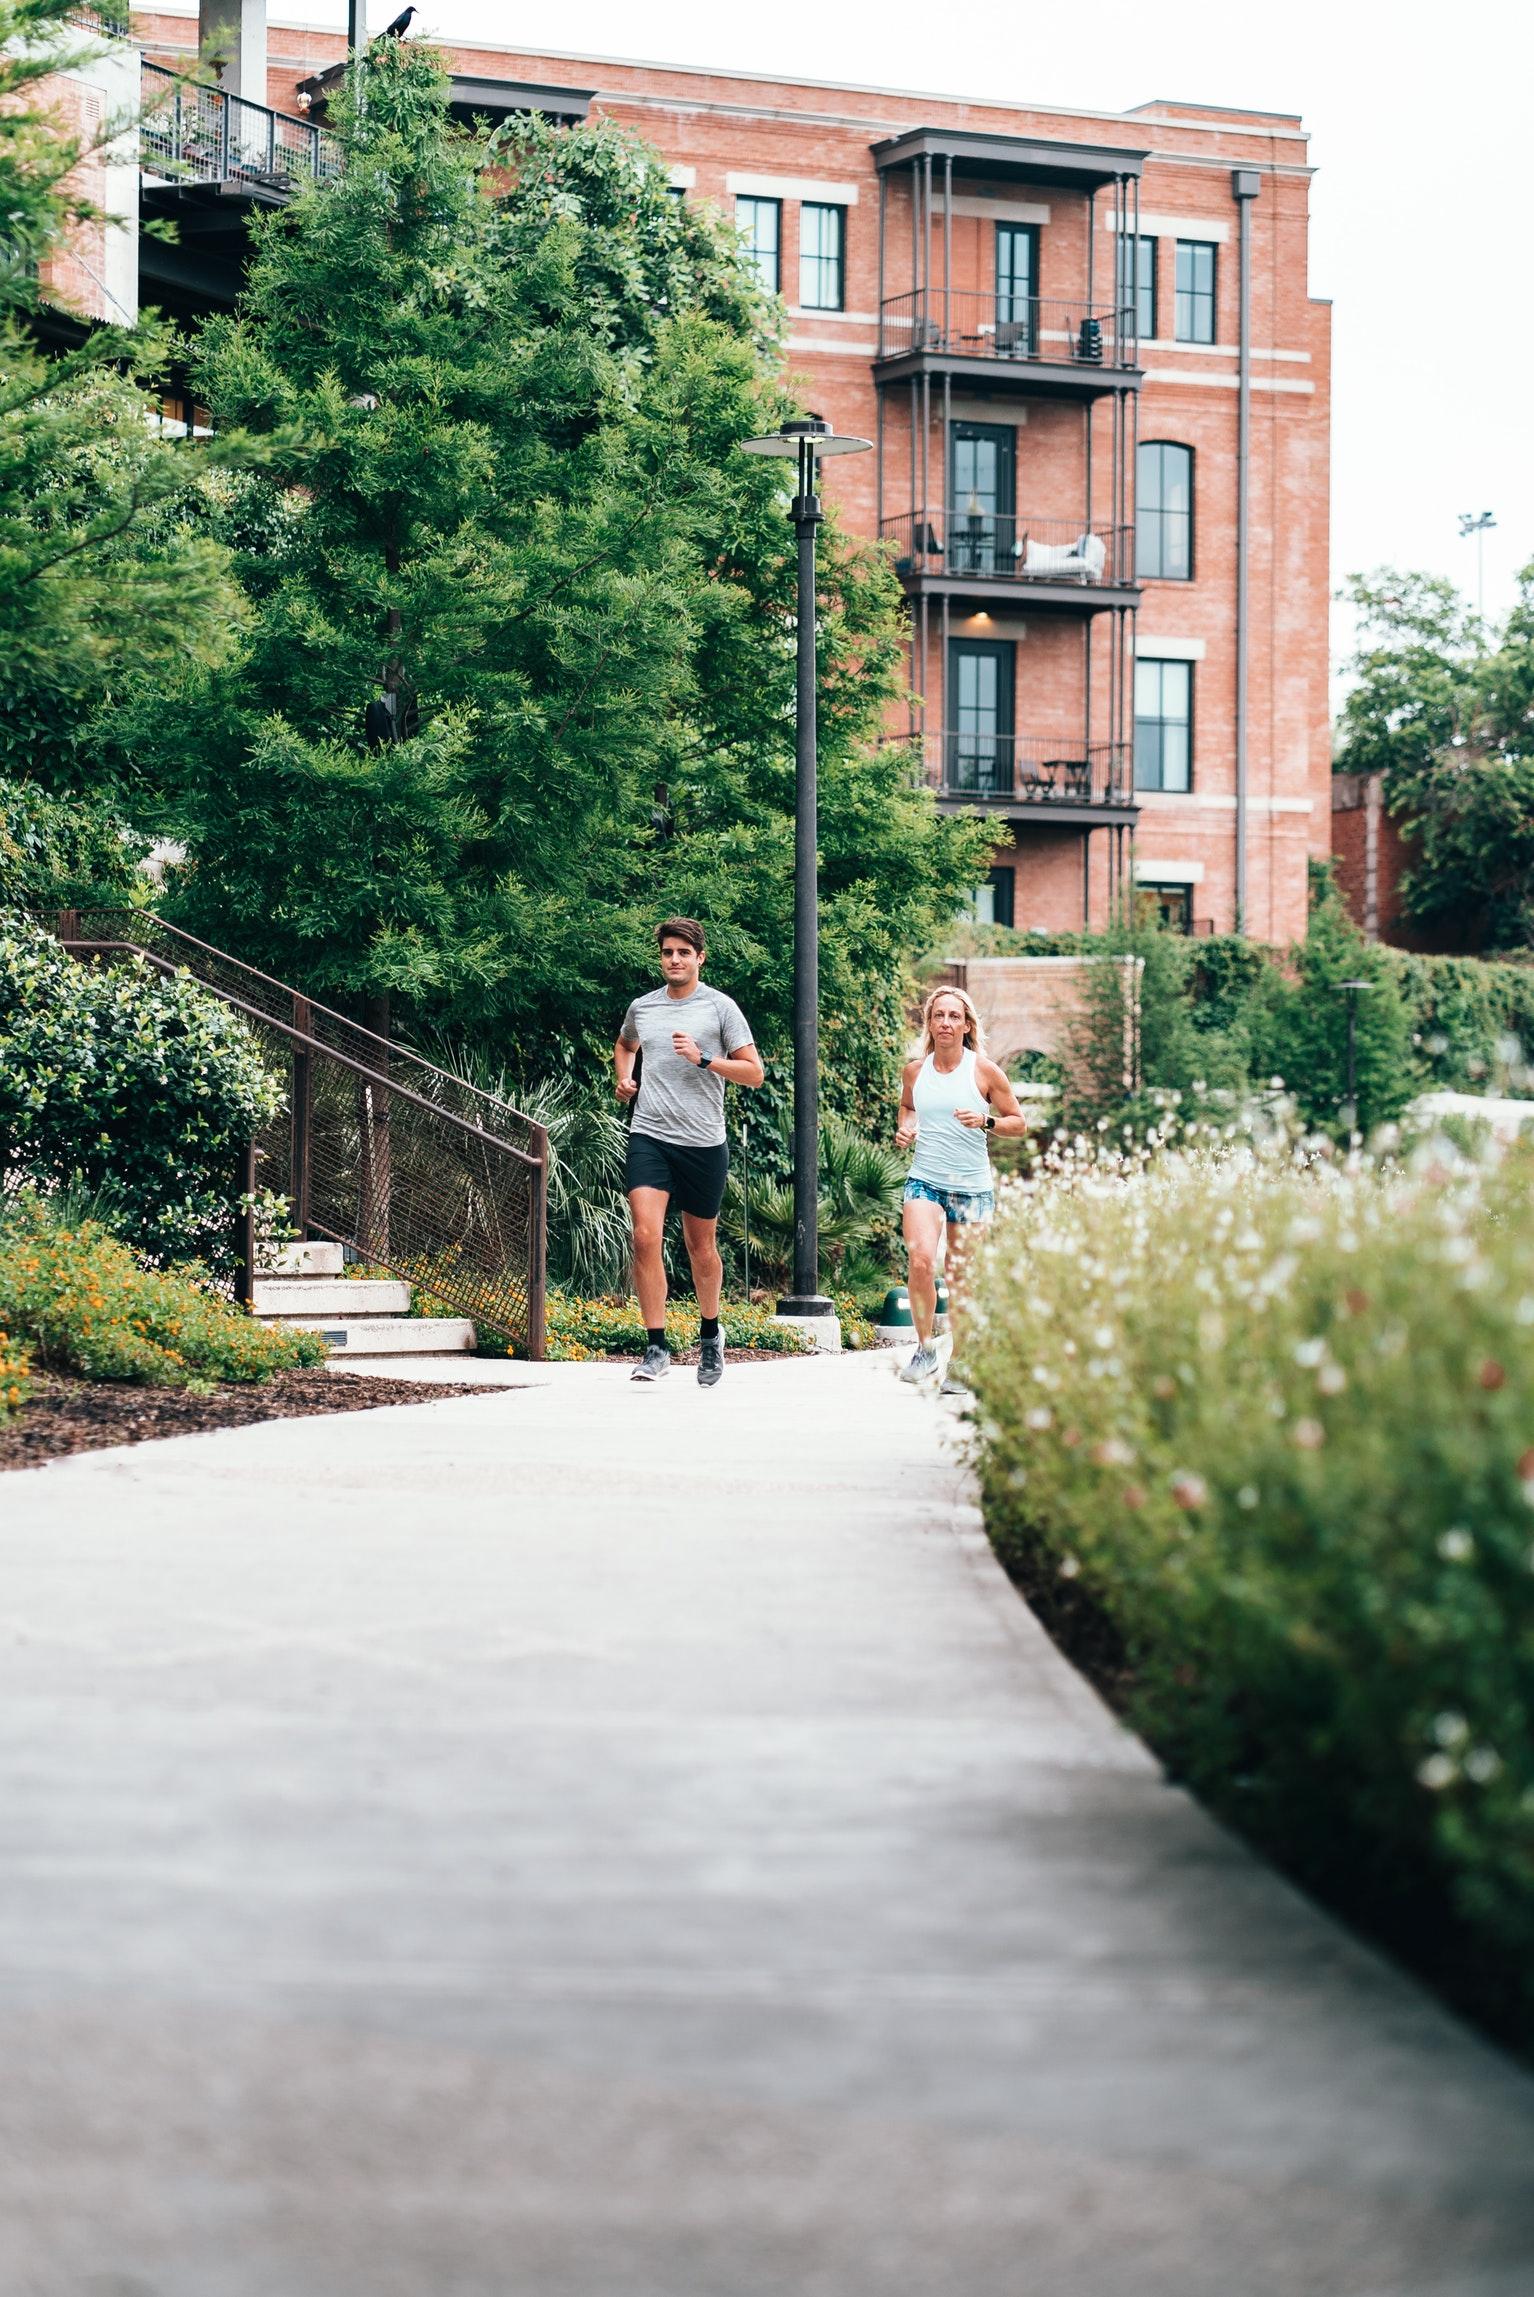 Техника безопасности: что стоит знать, если вы начинаете заниматься бегом-Фото 2